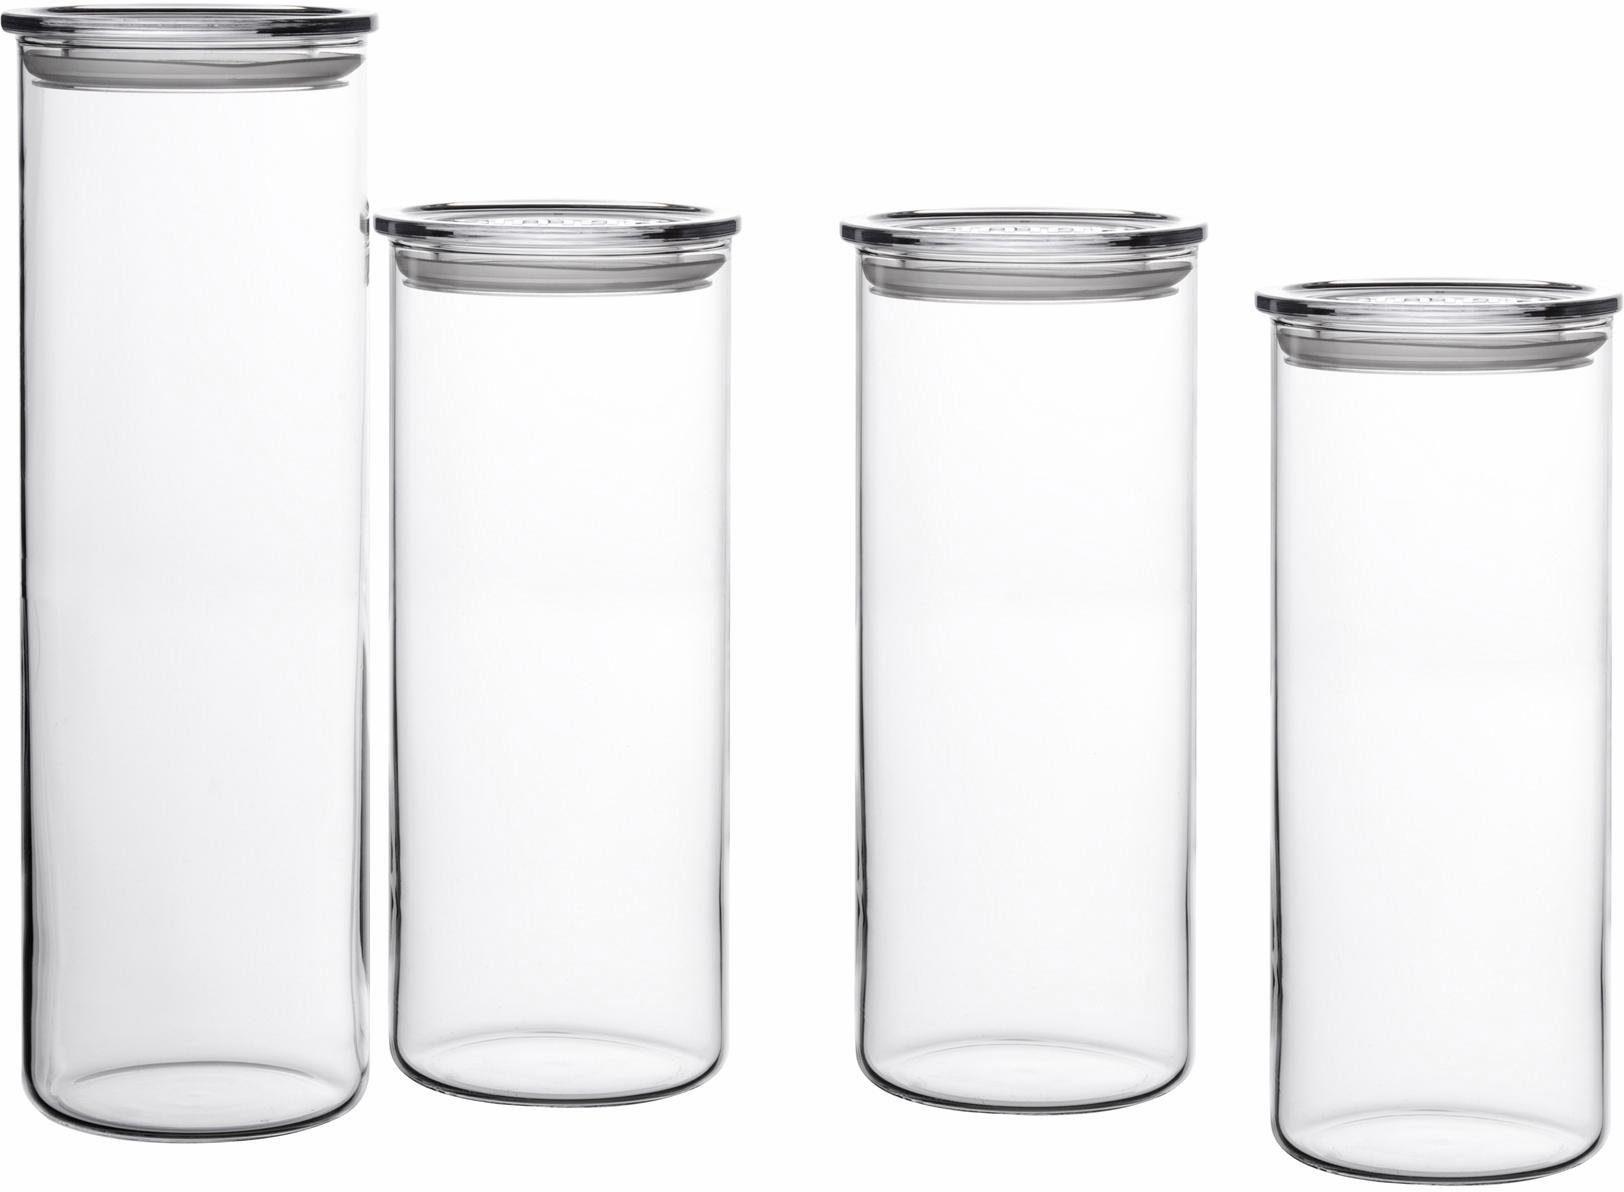 SIMAX Vorratsgläser-Set, Borosilikatglas, 4 Teile